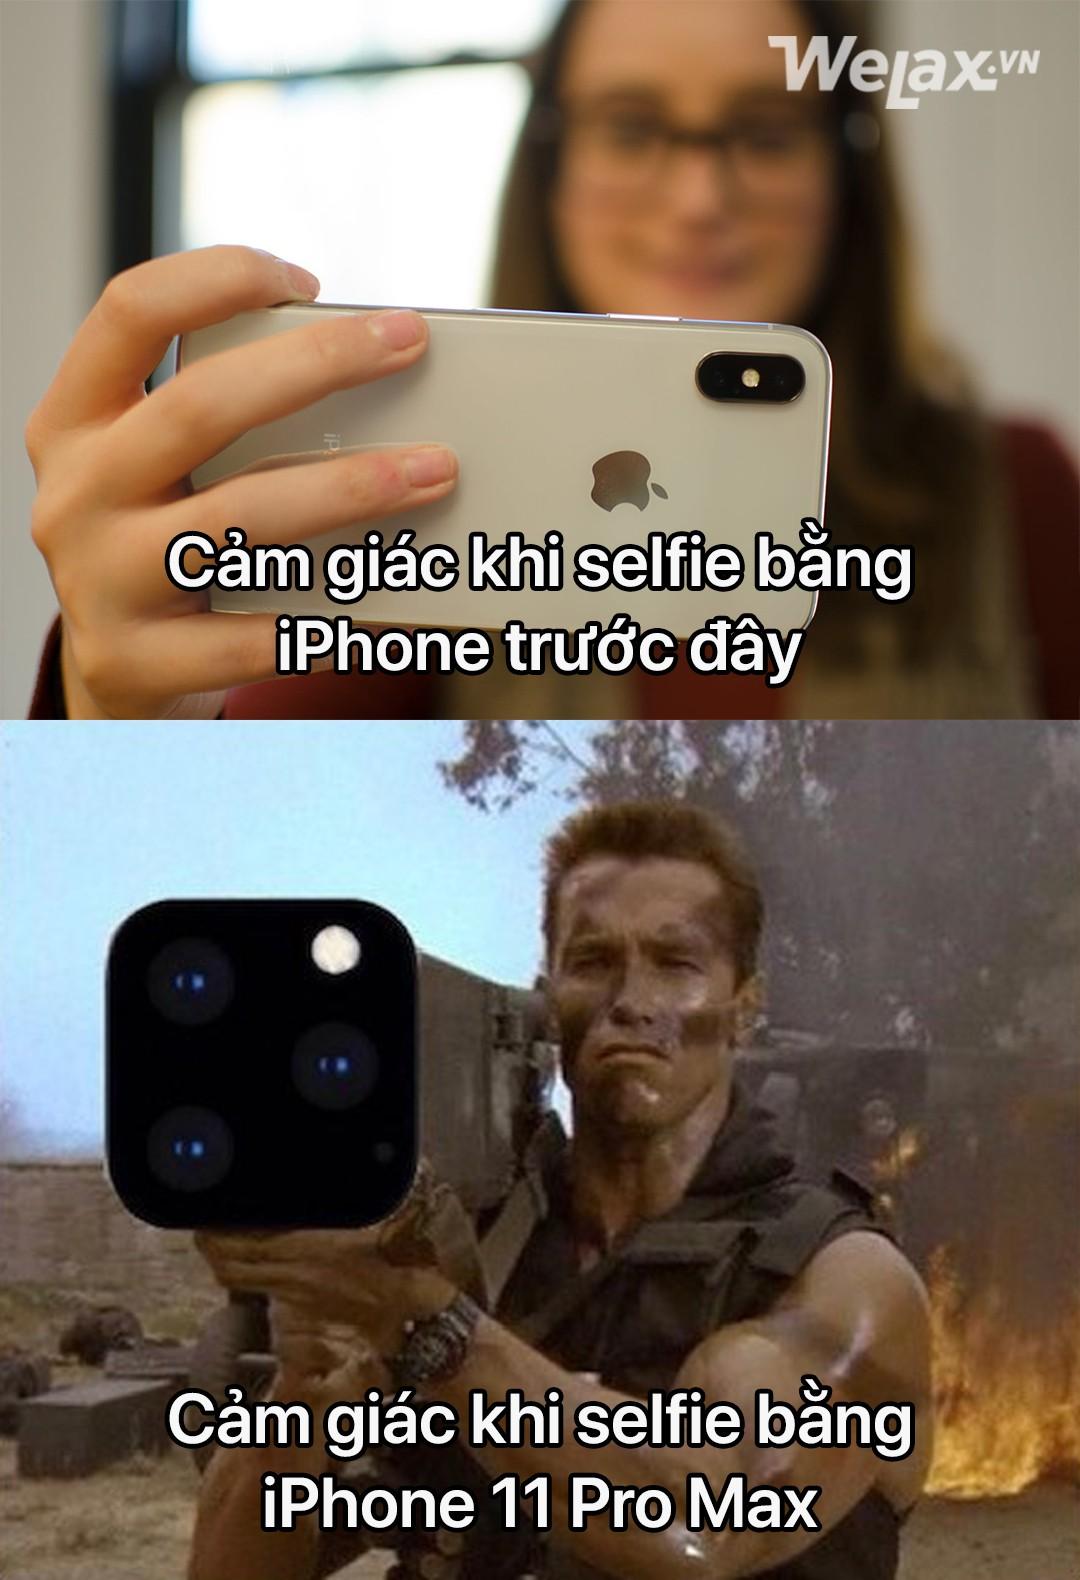 VZN News: Trình làng chưa được 12 tiếng, cụm camera 3 ống kính to đùng ngã ngửa của iPhone 11 đã bị cộng đồng mạng gửi tặng nguyên một nồi ảnh chế - Ảnh 5.